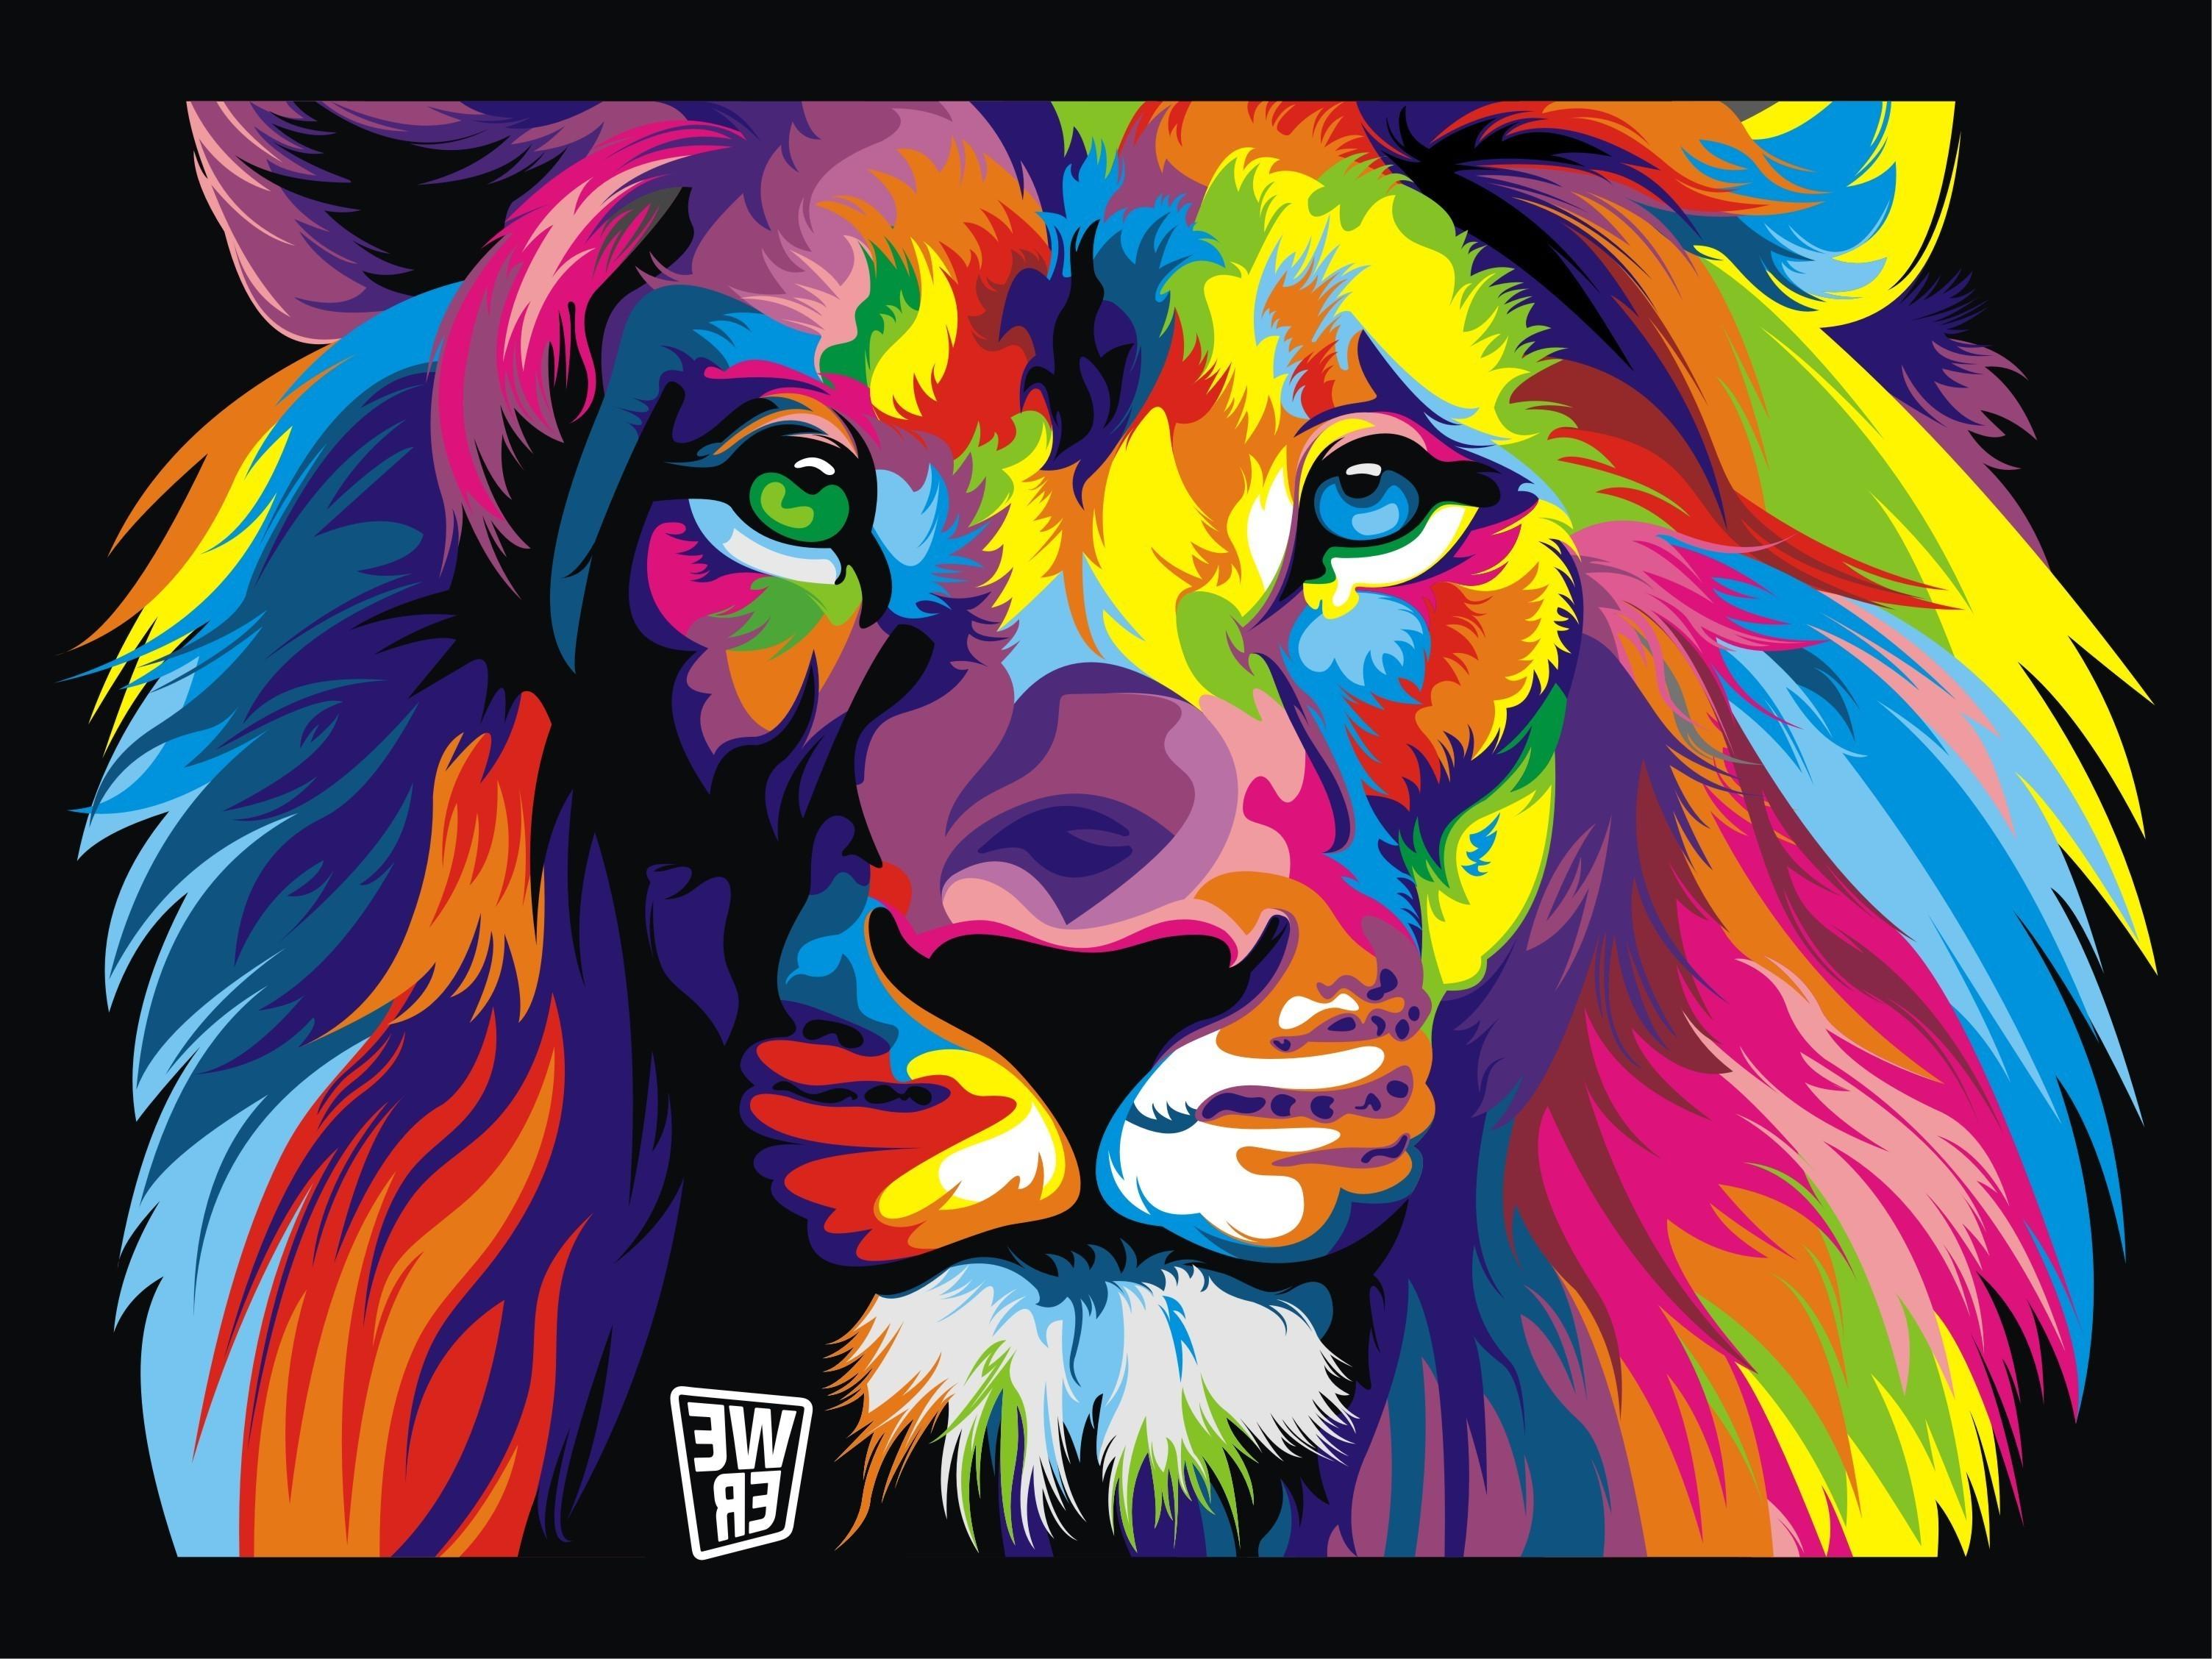 Sfondi 3008x2256 px animali opera d 39 arte sfondo nero for Sfondi leone